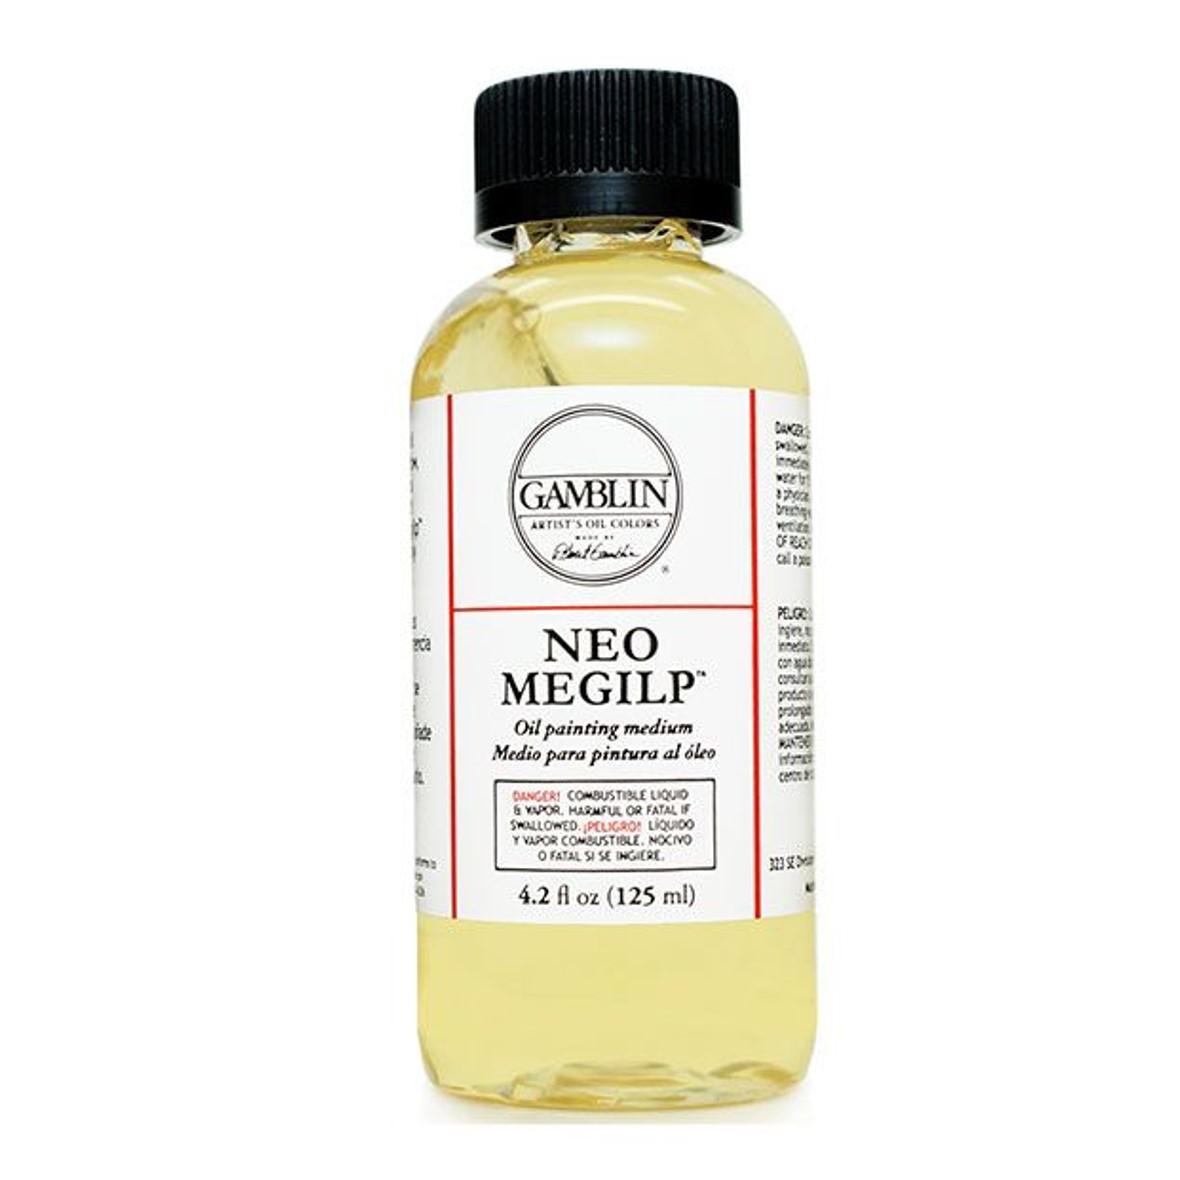 Neo Megilp